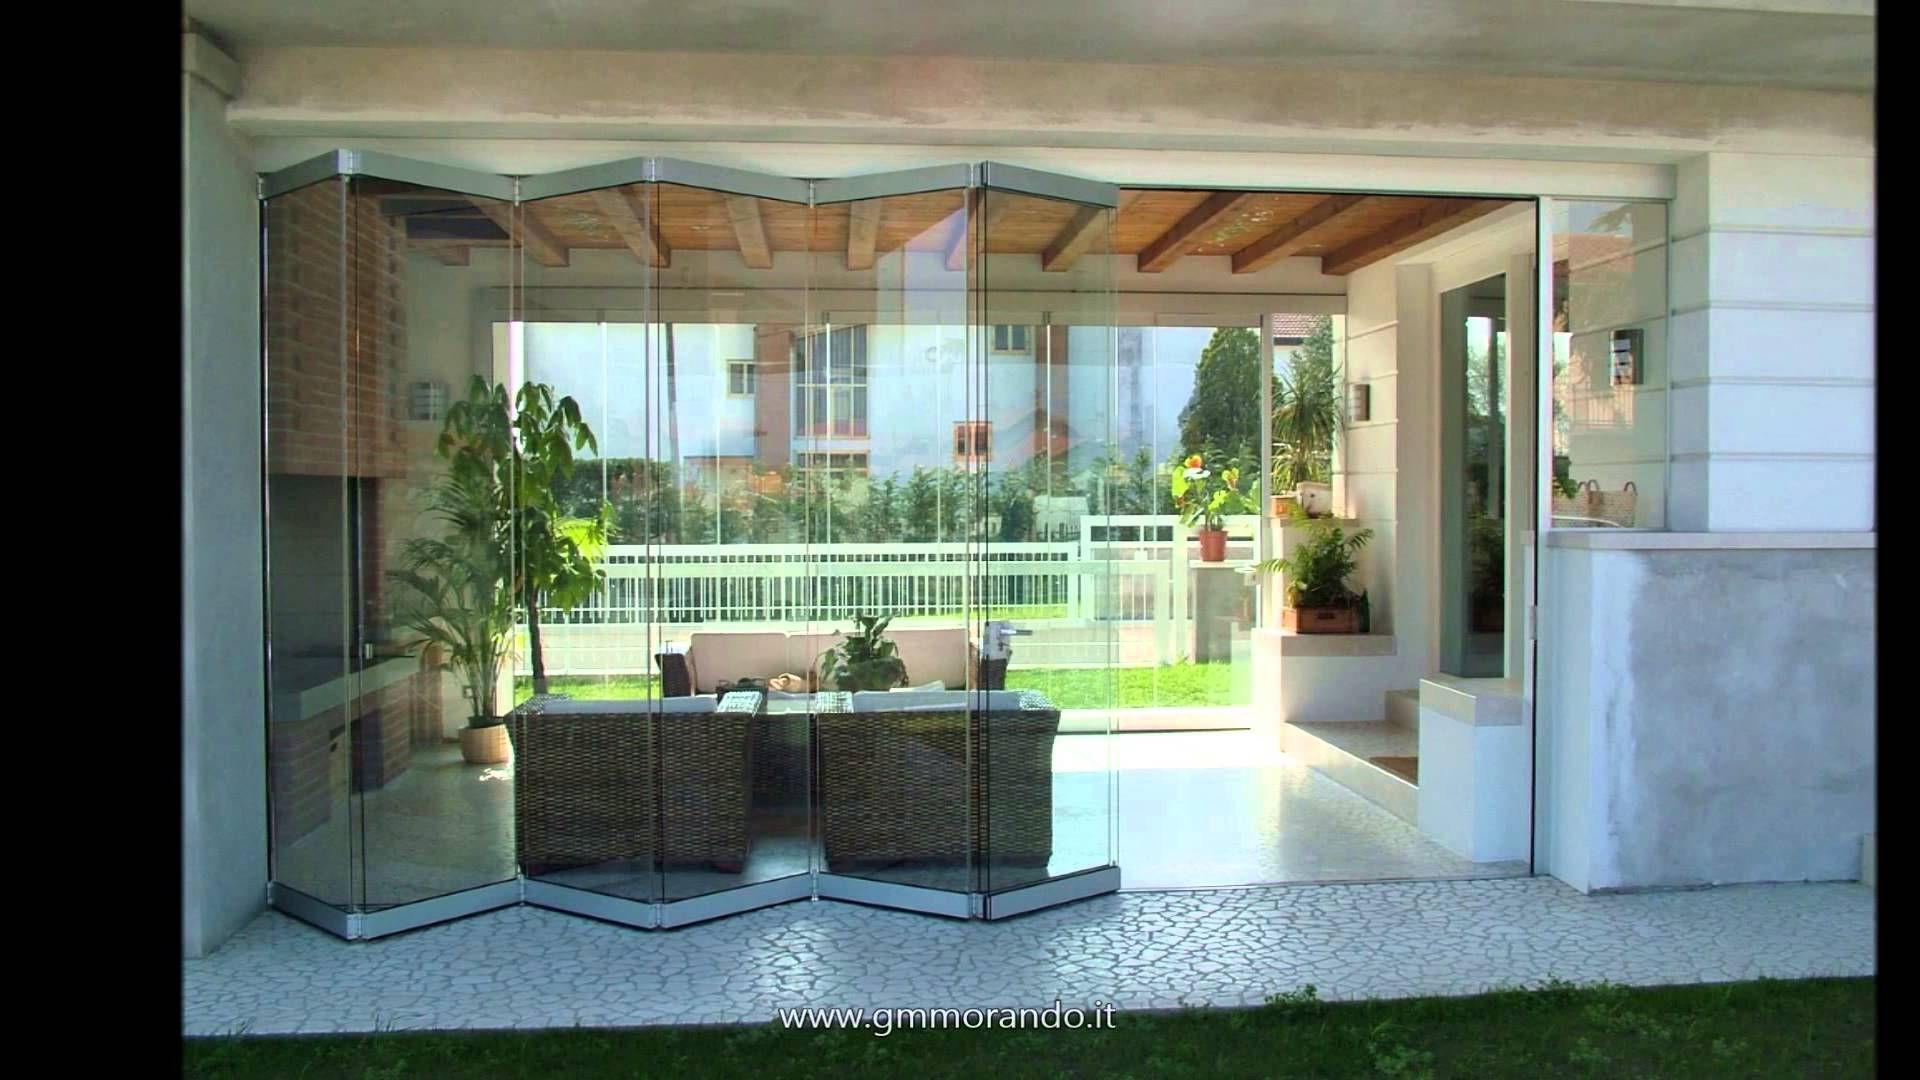 Giardino Dinverno Terrazza : Giardino d inverno terrazza soggiorno cerca con google idee